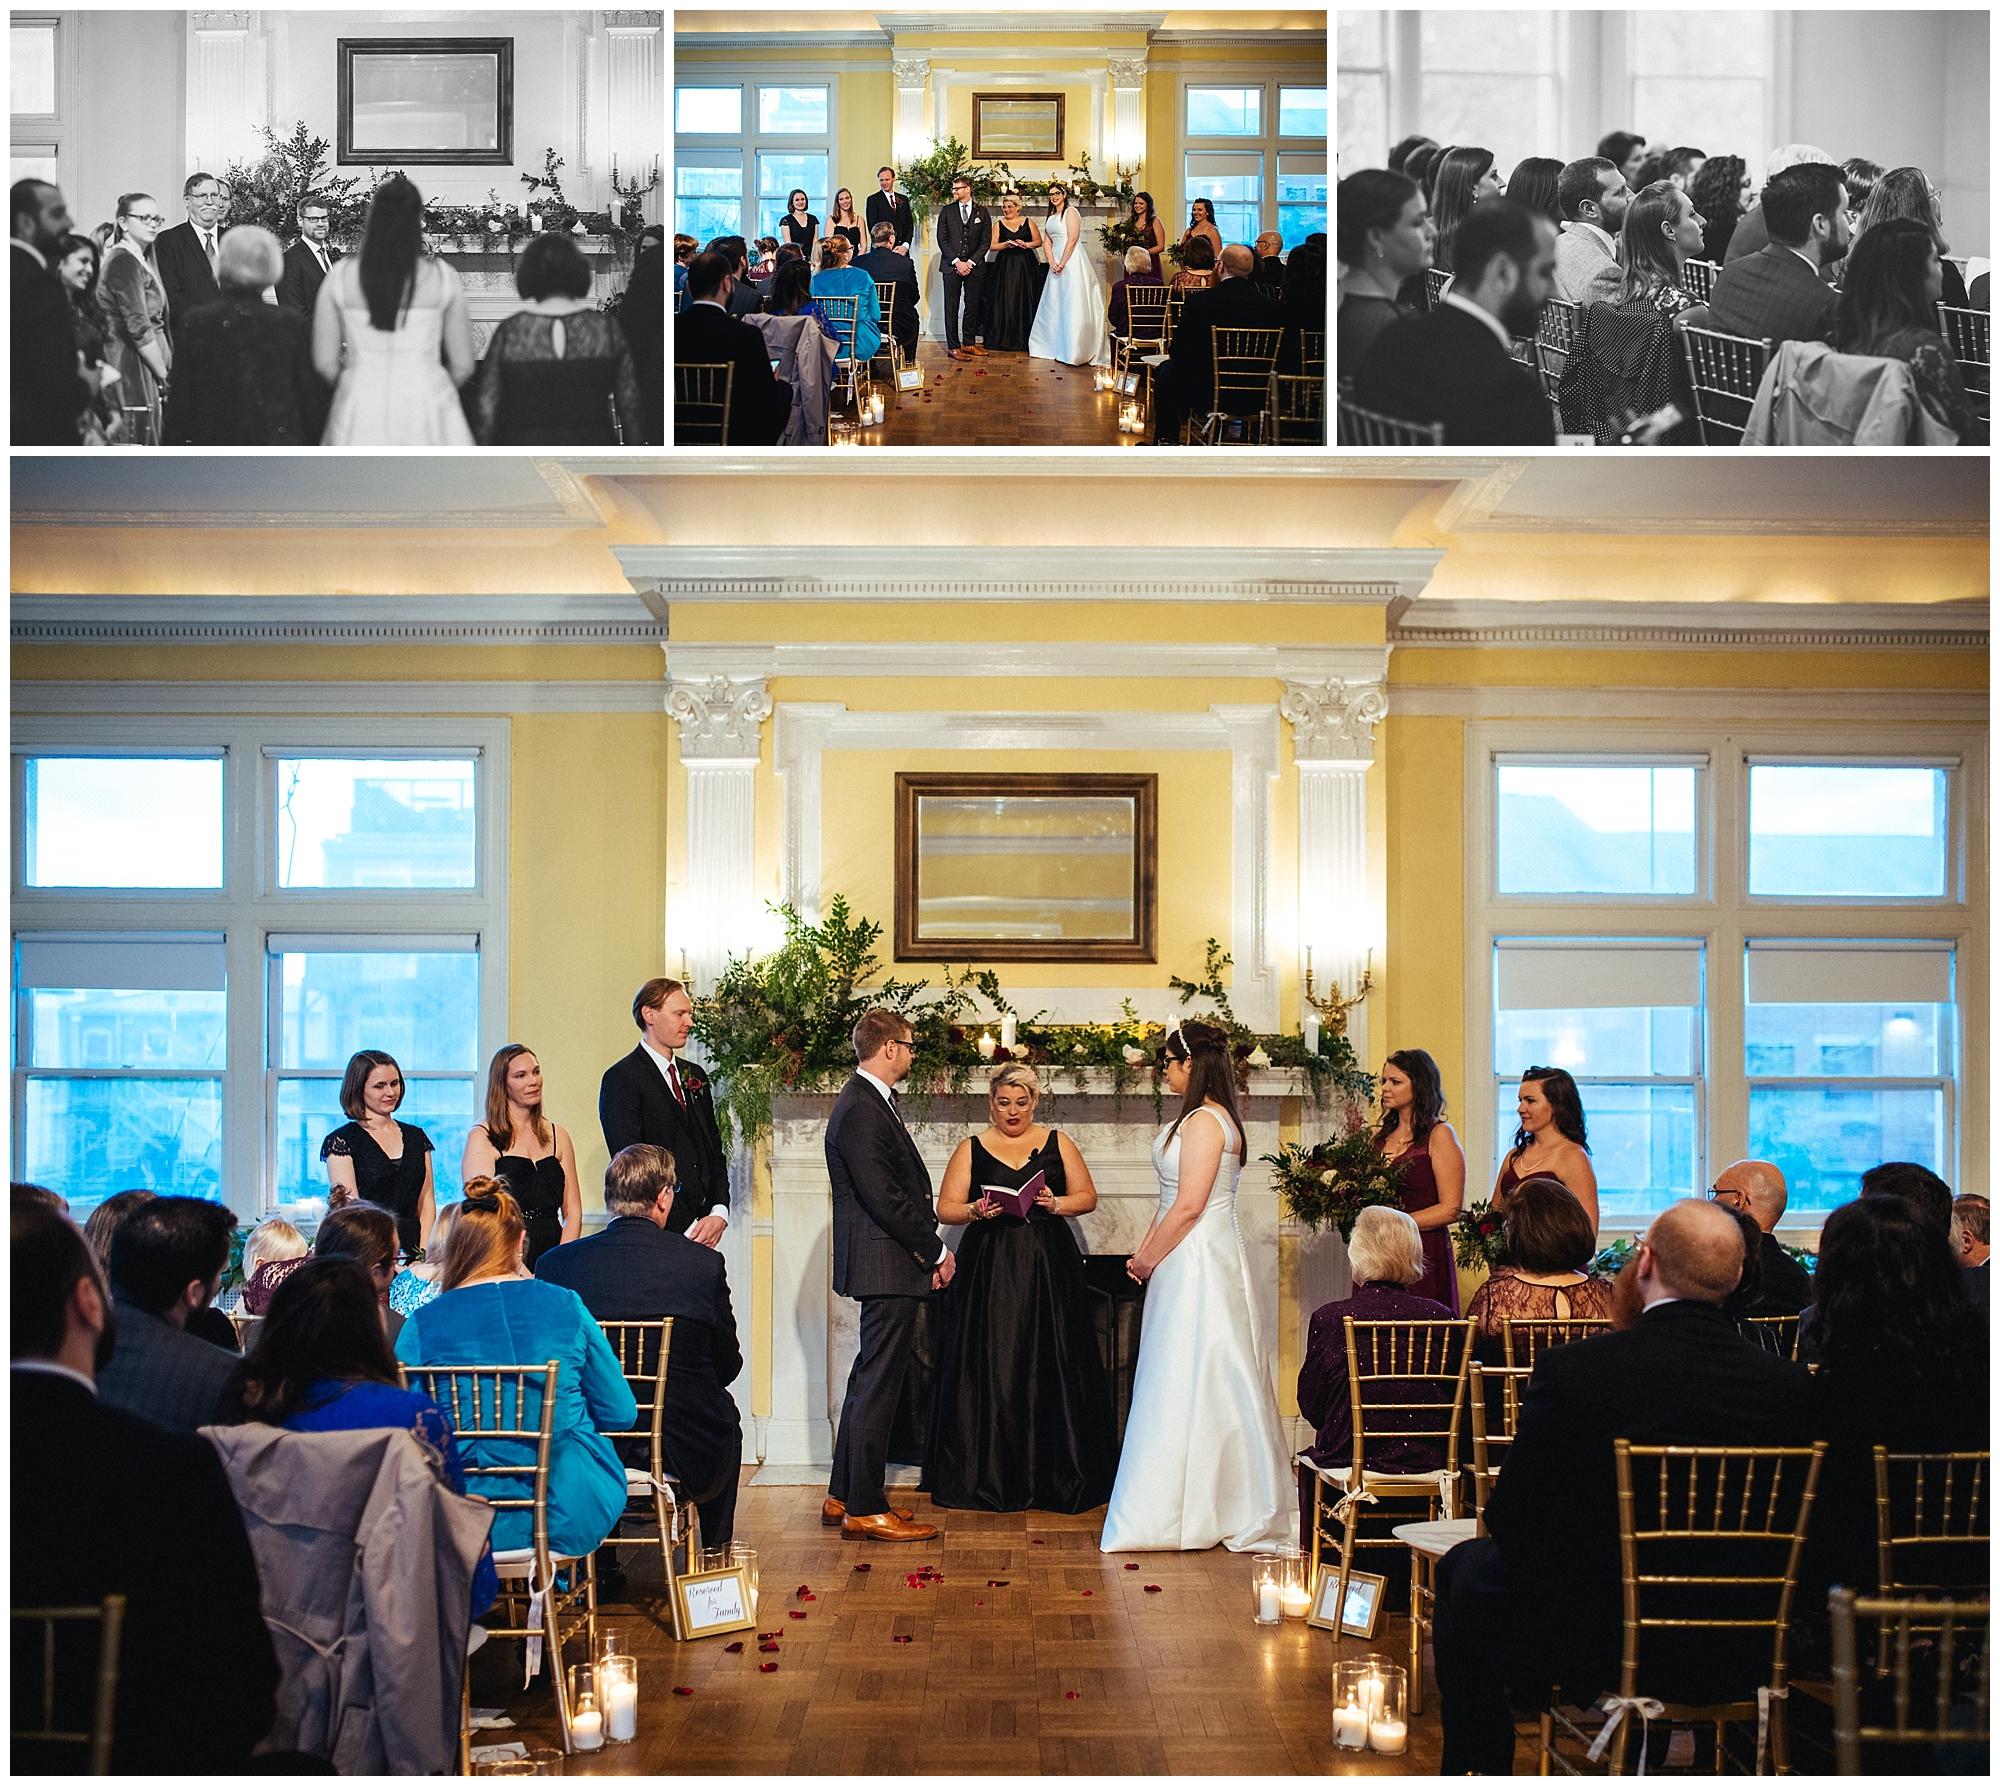 josephine butler wedding dc